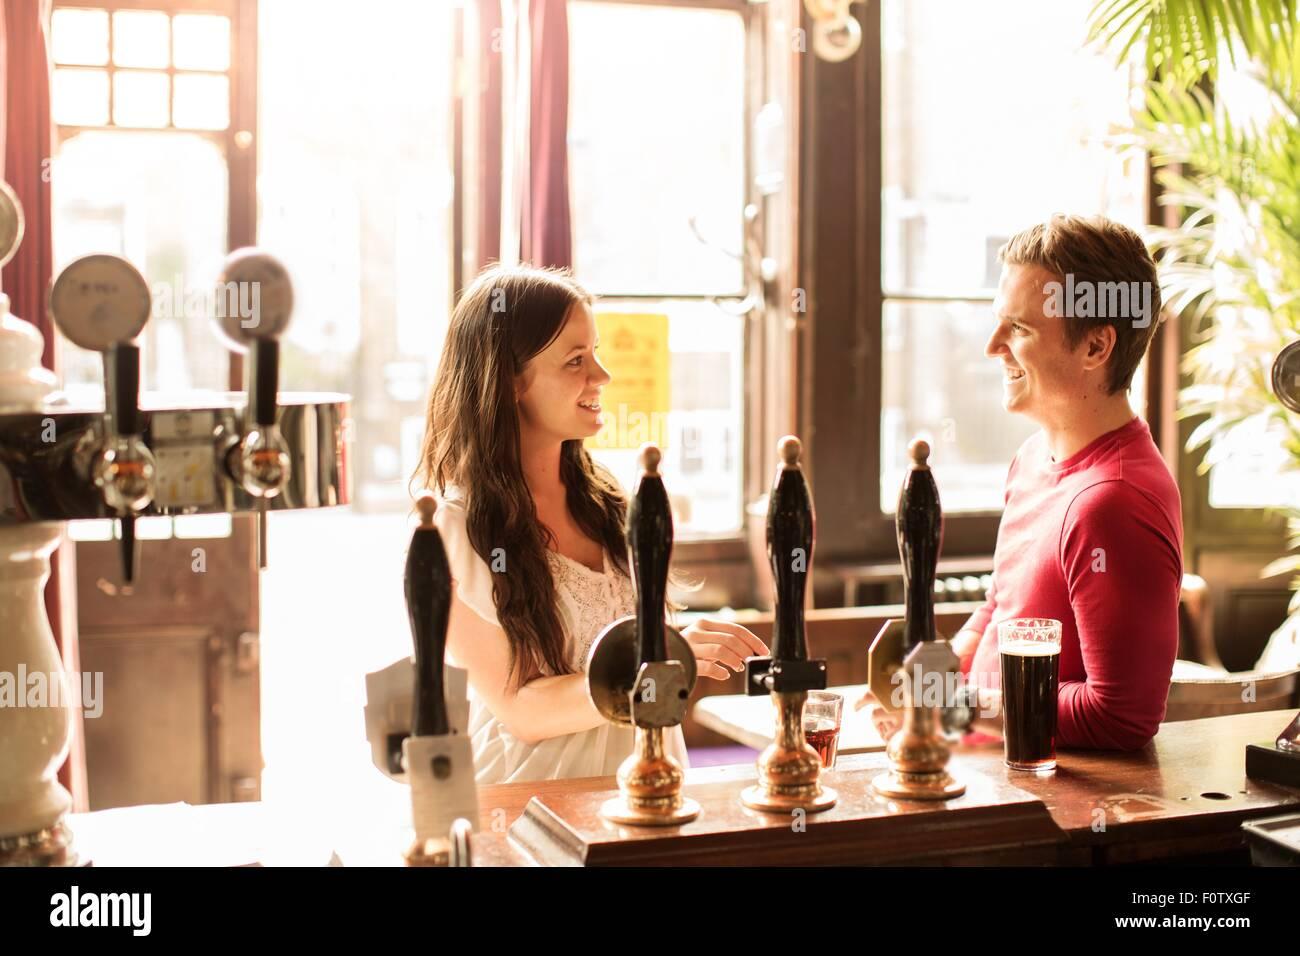 Par hablando en bares Foto de stock